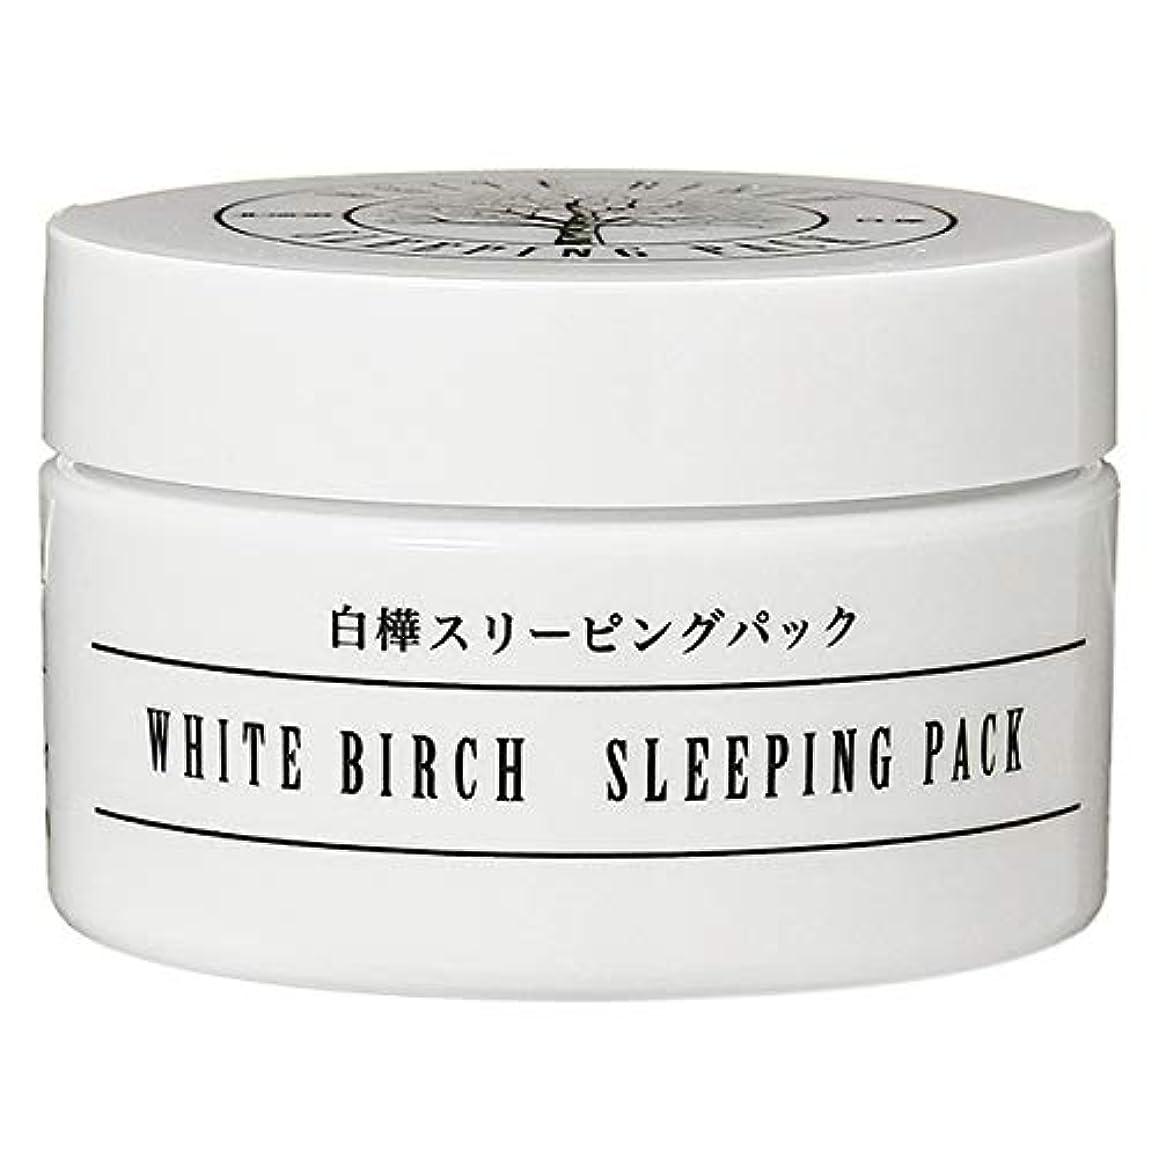 近く頻繁に一回北海道アンソロポロジー 白樺スリーピングパック 80g